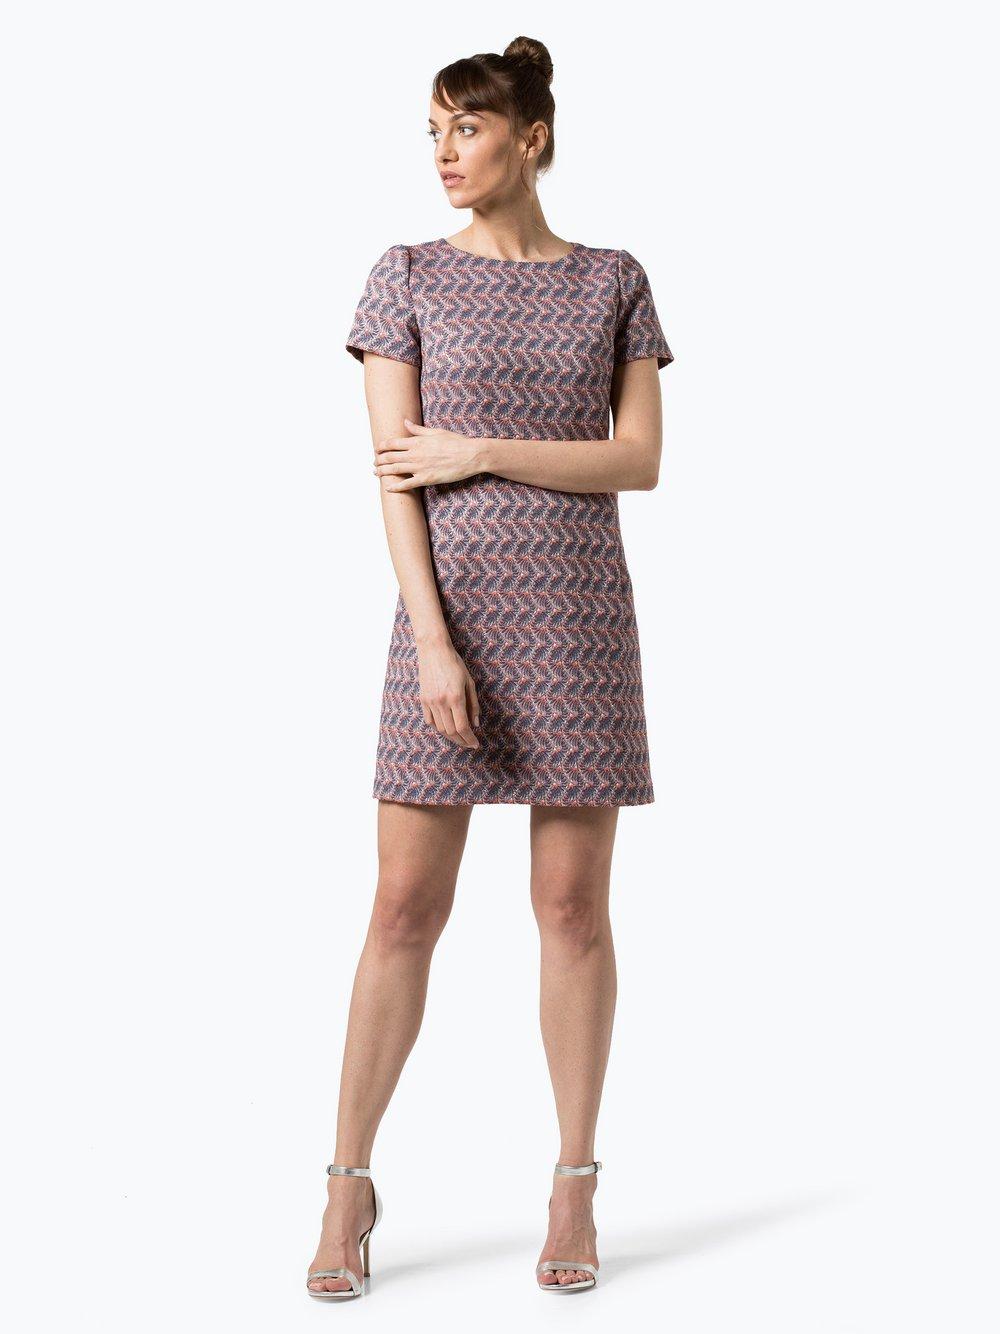 Damen Kleid - Coordinates beige Apriori